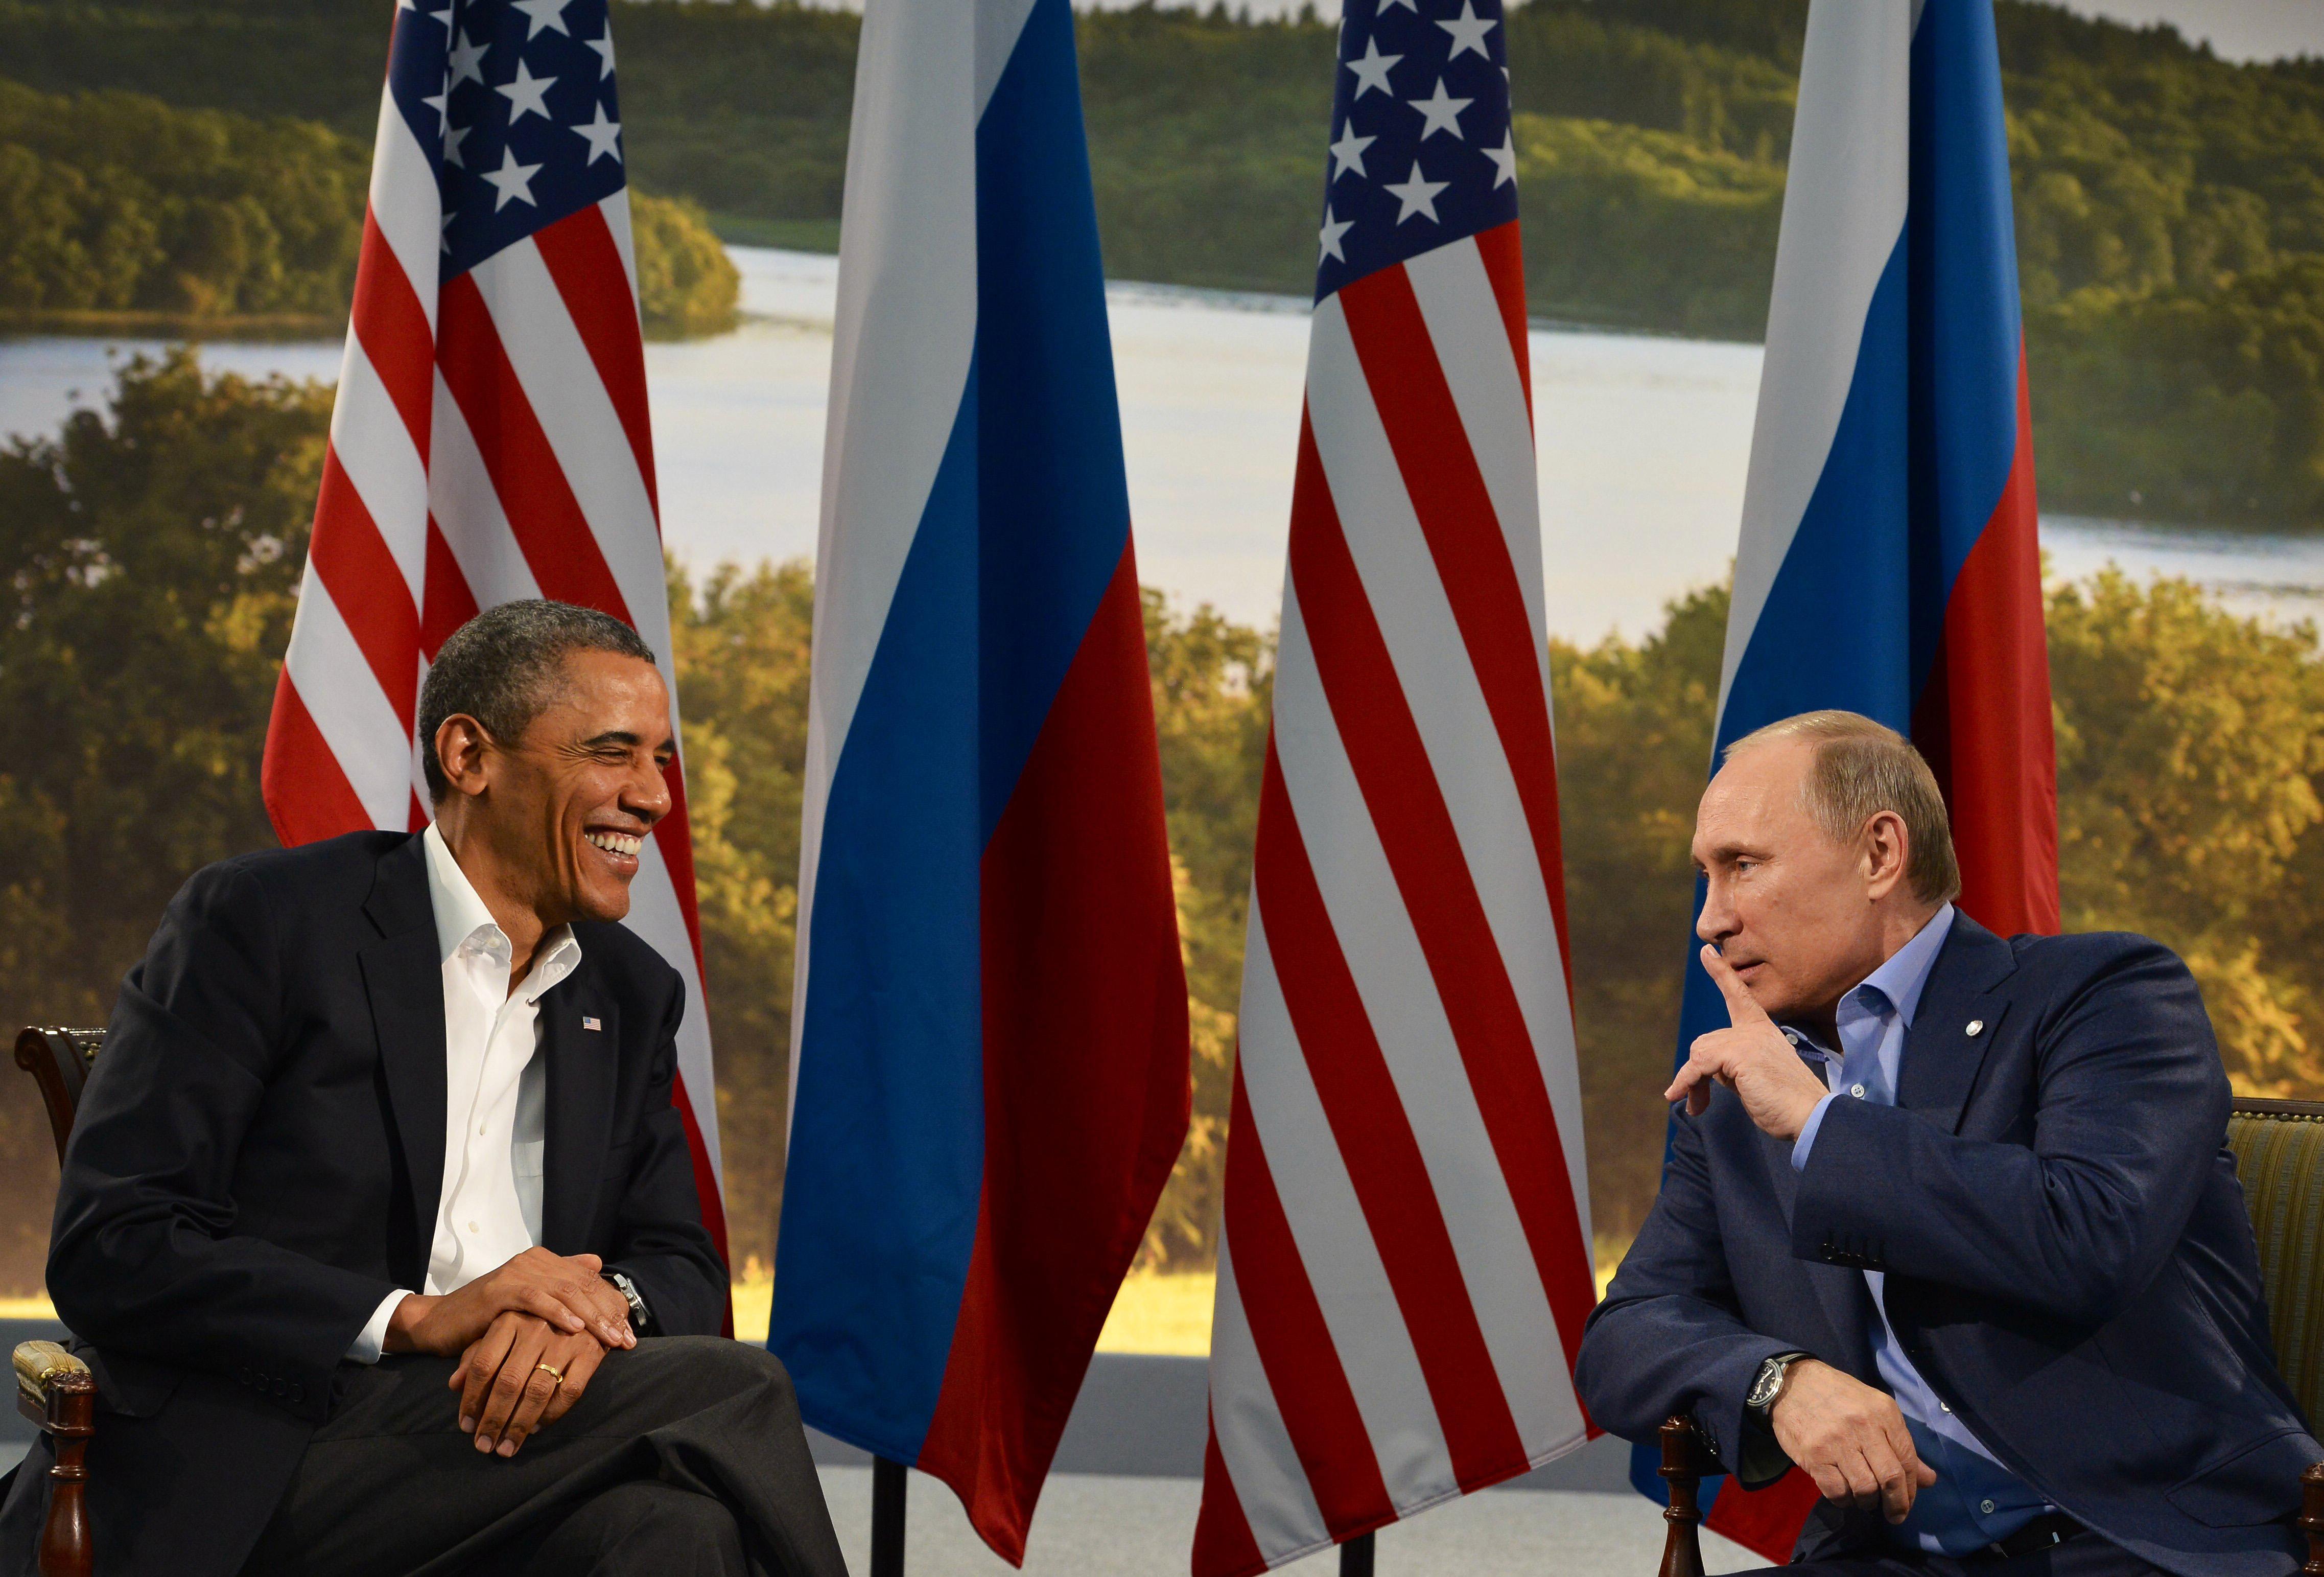 Барак Обама иВладимир Путин насаммите G8 вСеверной Ирландии, 2013